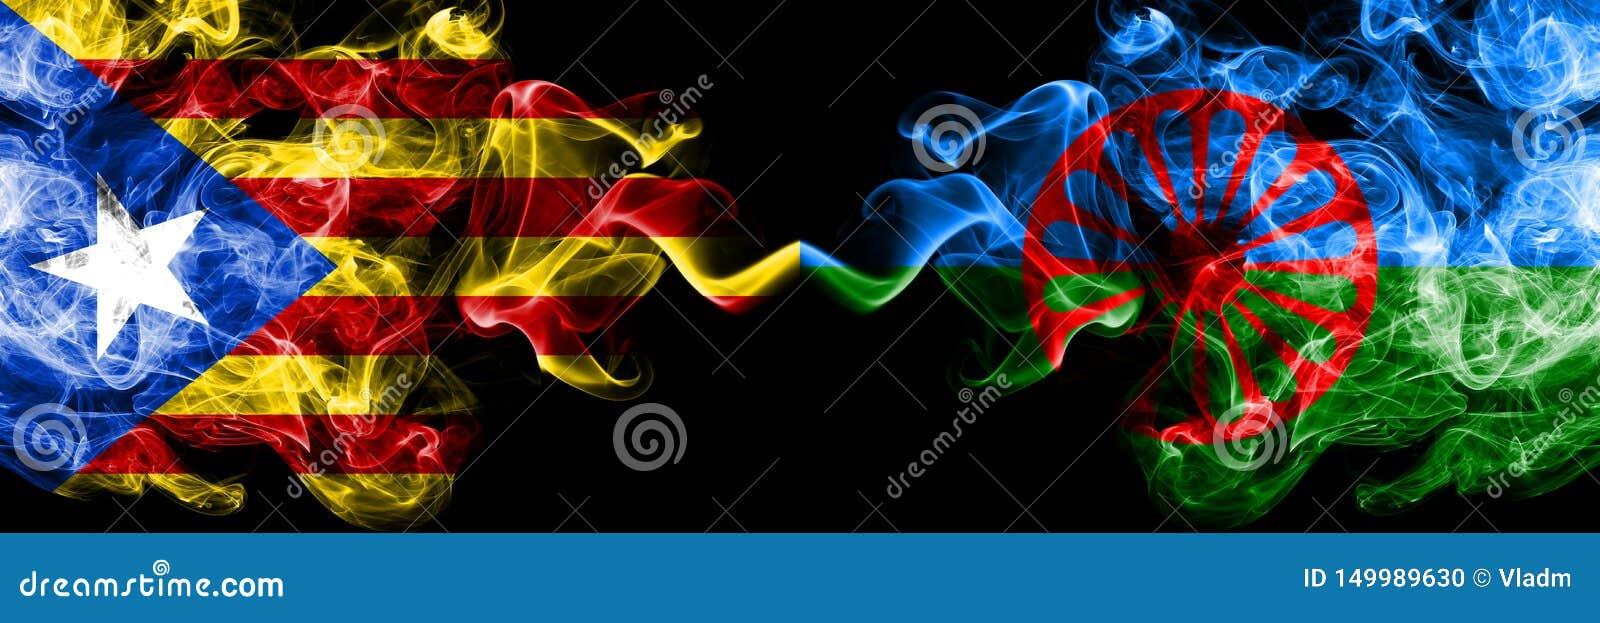 Katalonien gegen Zigeuner, römische Rauchflaggen nebeneinander gesetzt Dicke farbige seidige Rauchflaggen von Katalonien und von